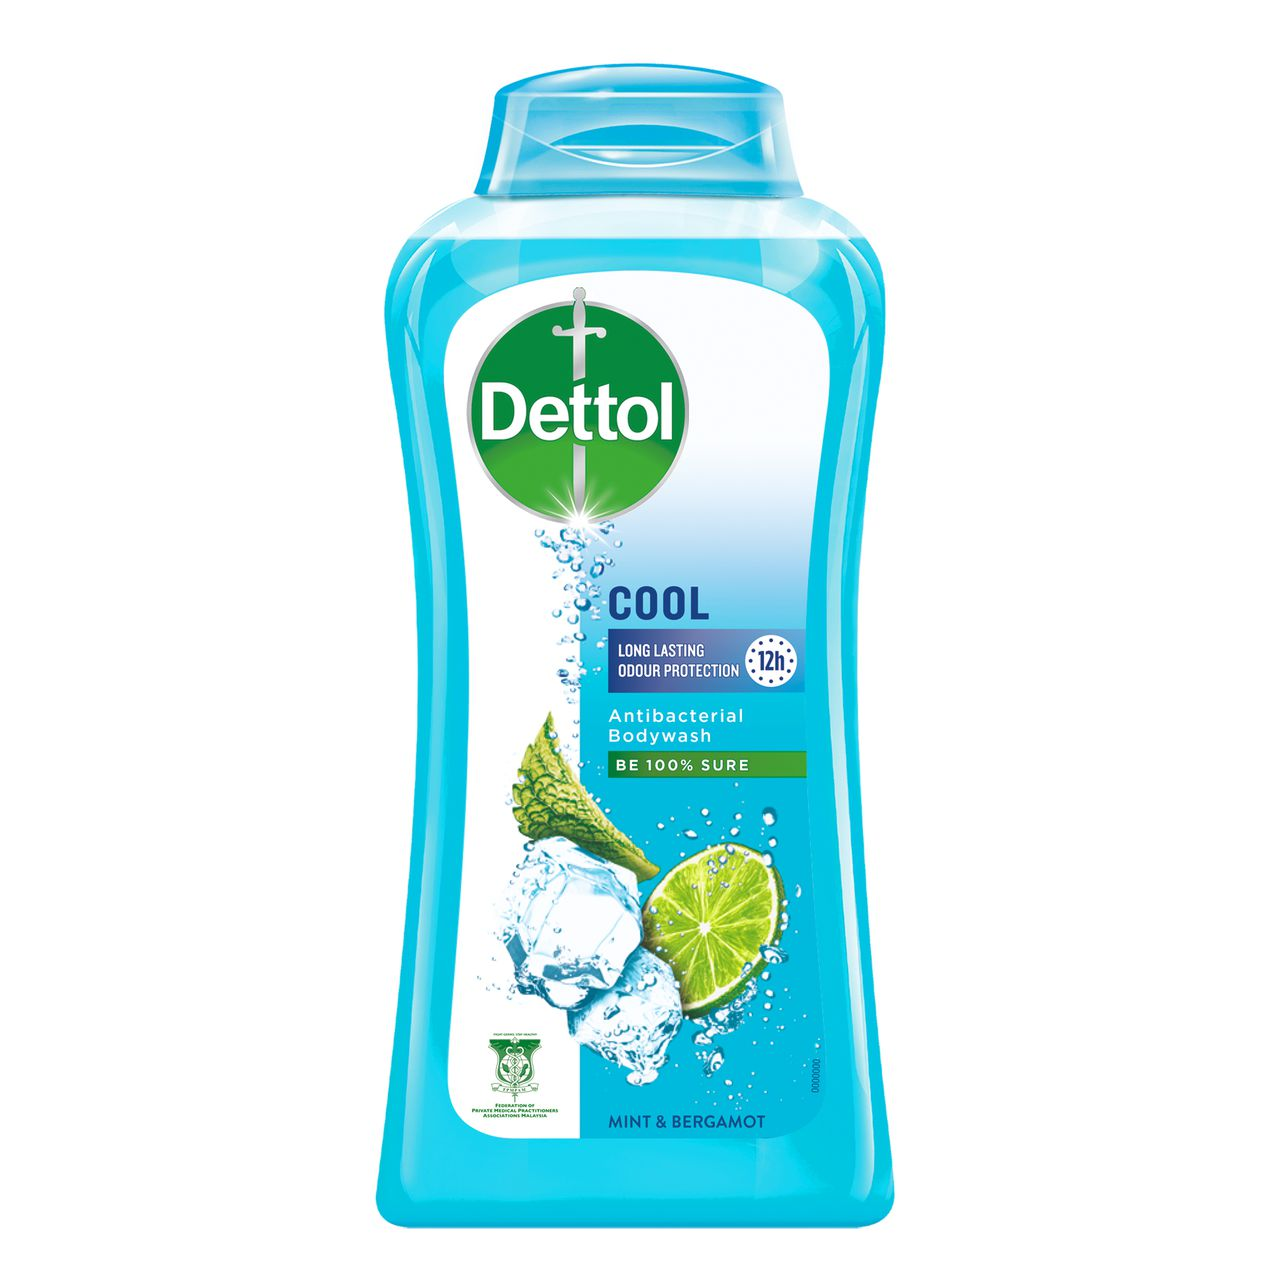 Cool Antibacterial Bodywash